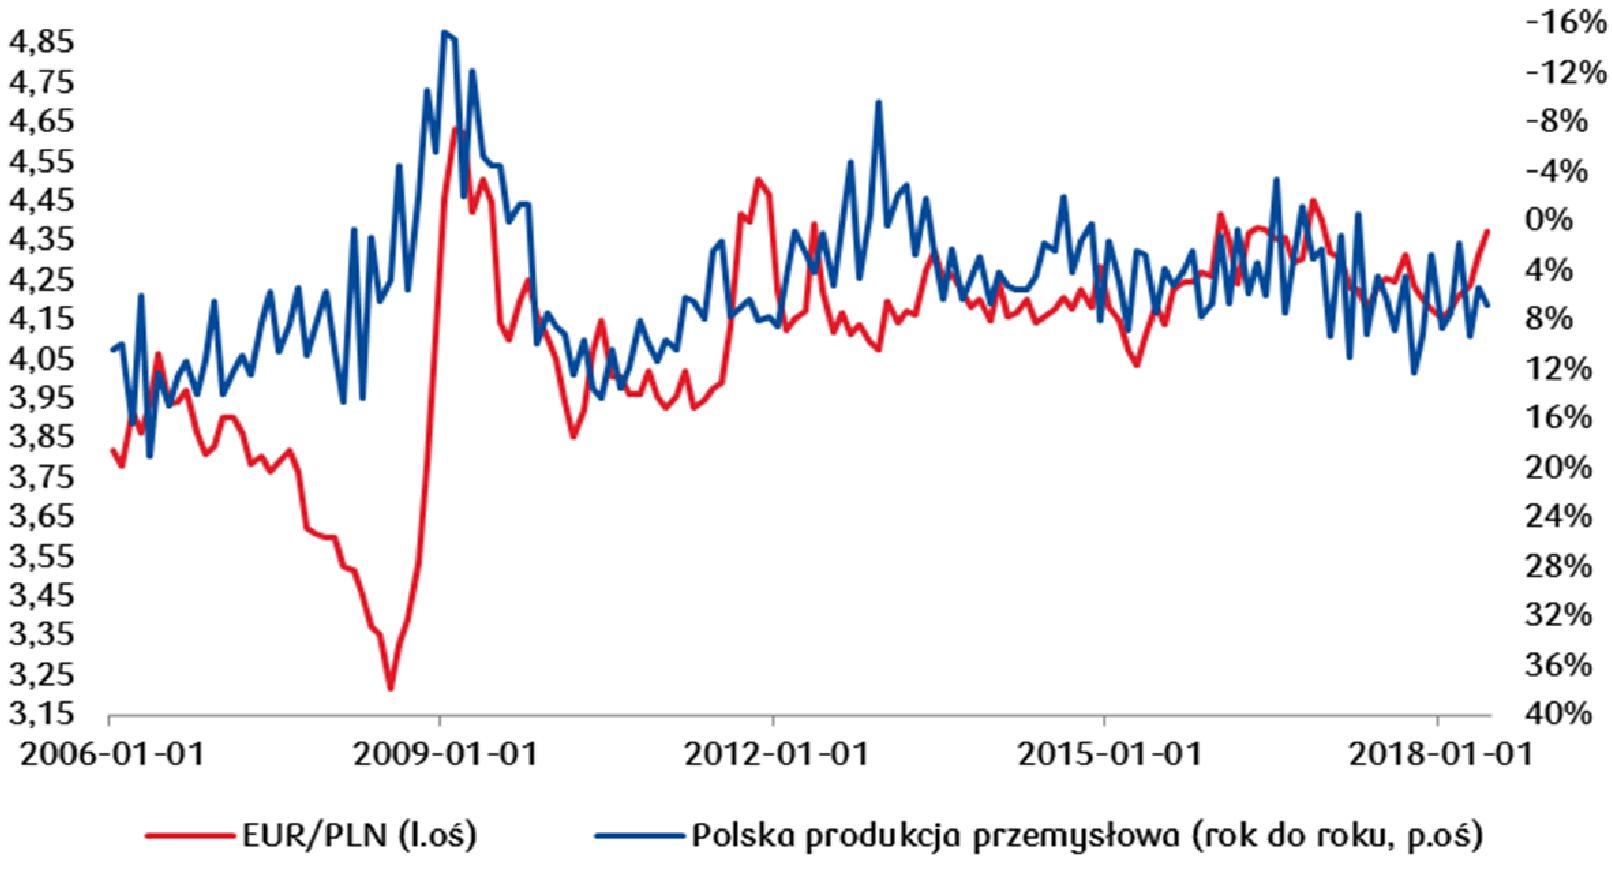 Dobry odczyt polskiej produkcji przemysłowej za lipiec może pomóc utrzymać kurs EUR